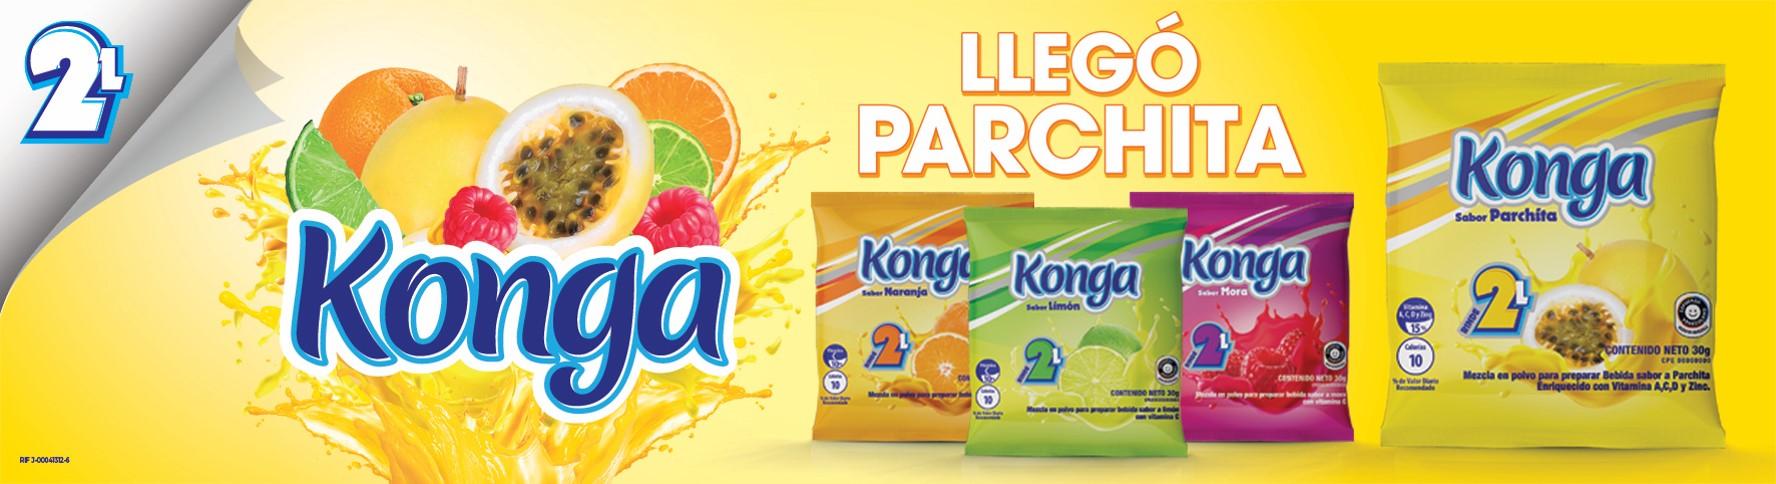 Konga presenta su nuevo y refrescante sabor a Parchita